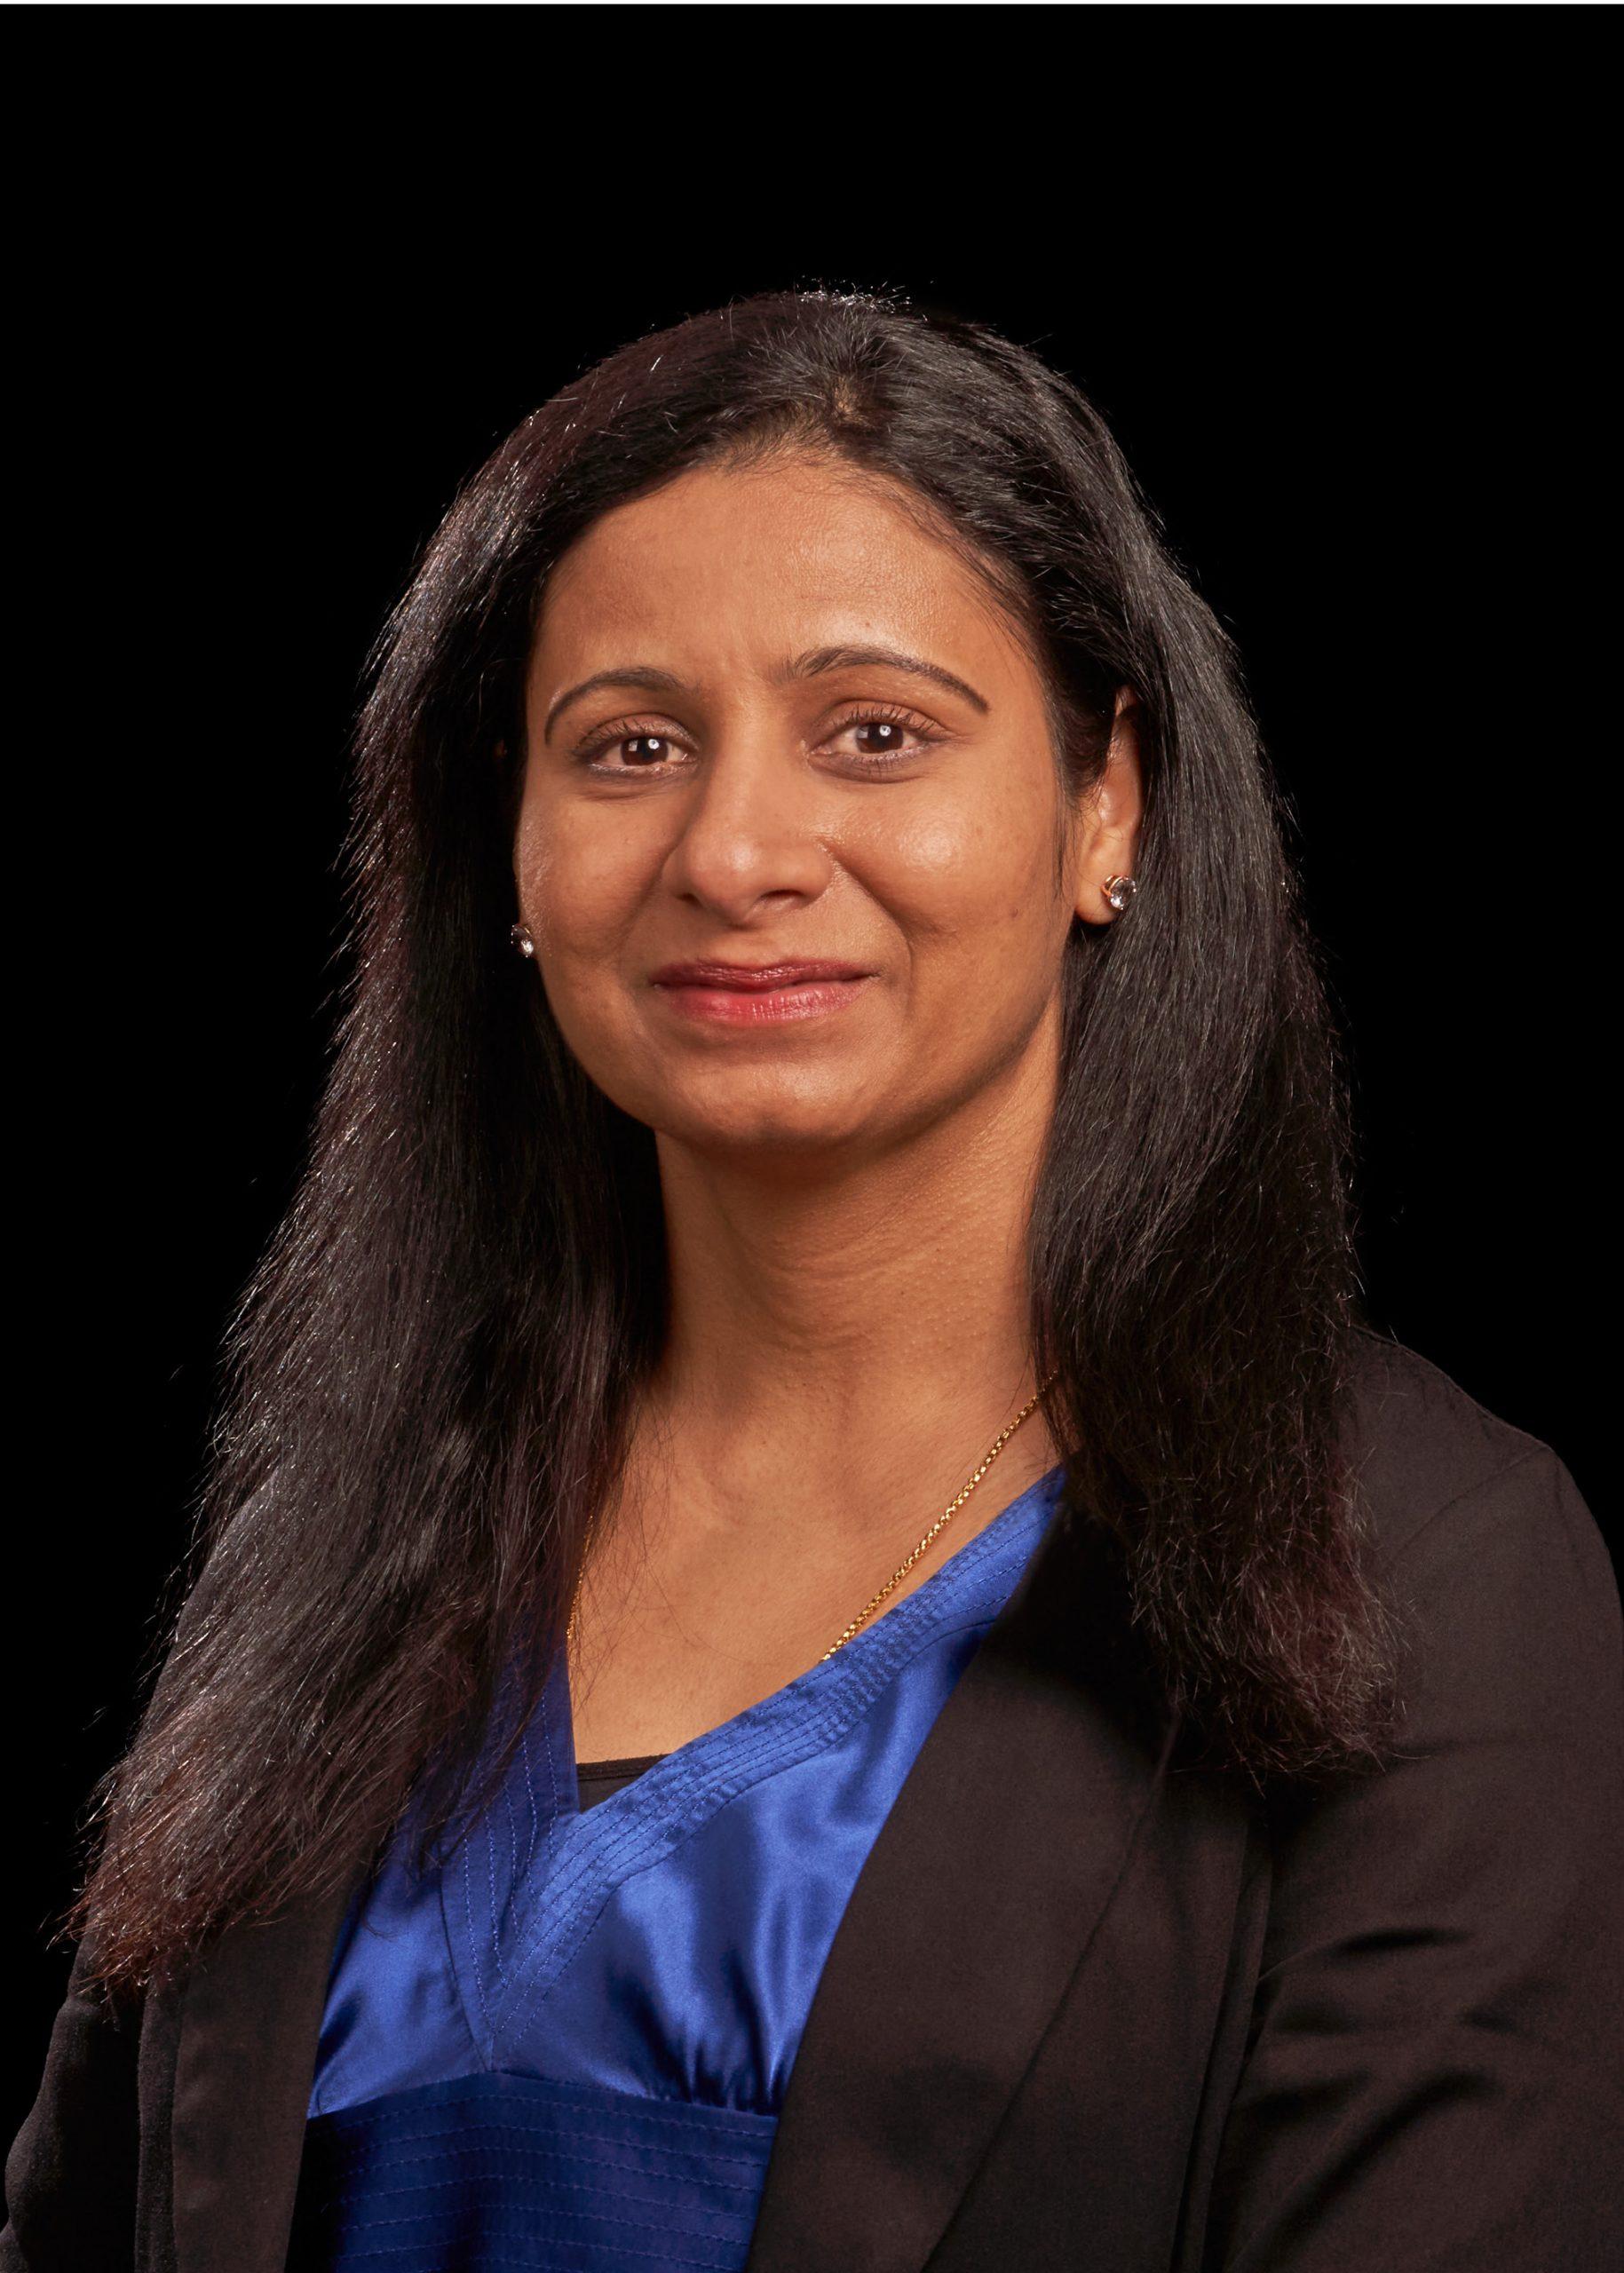 Shilpa Hebsur